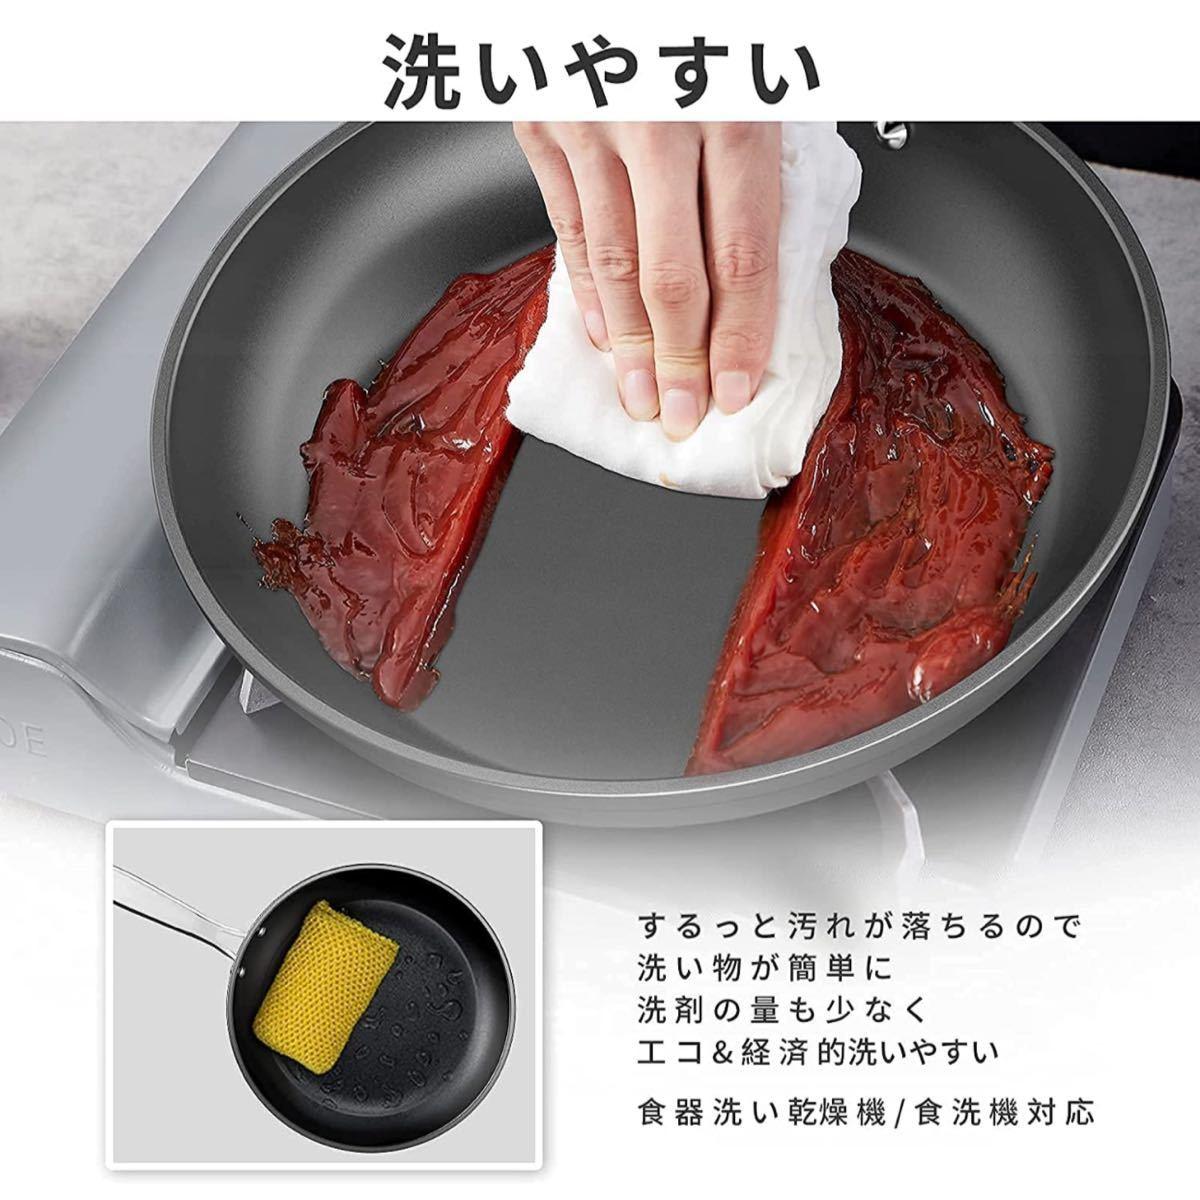 フライパン in対応 5層コーティング 焦げ付きにくい 熱ムラなし 優れた熱伝導